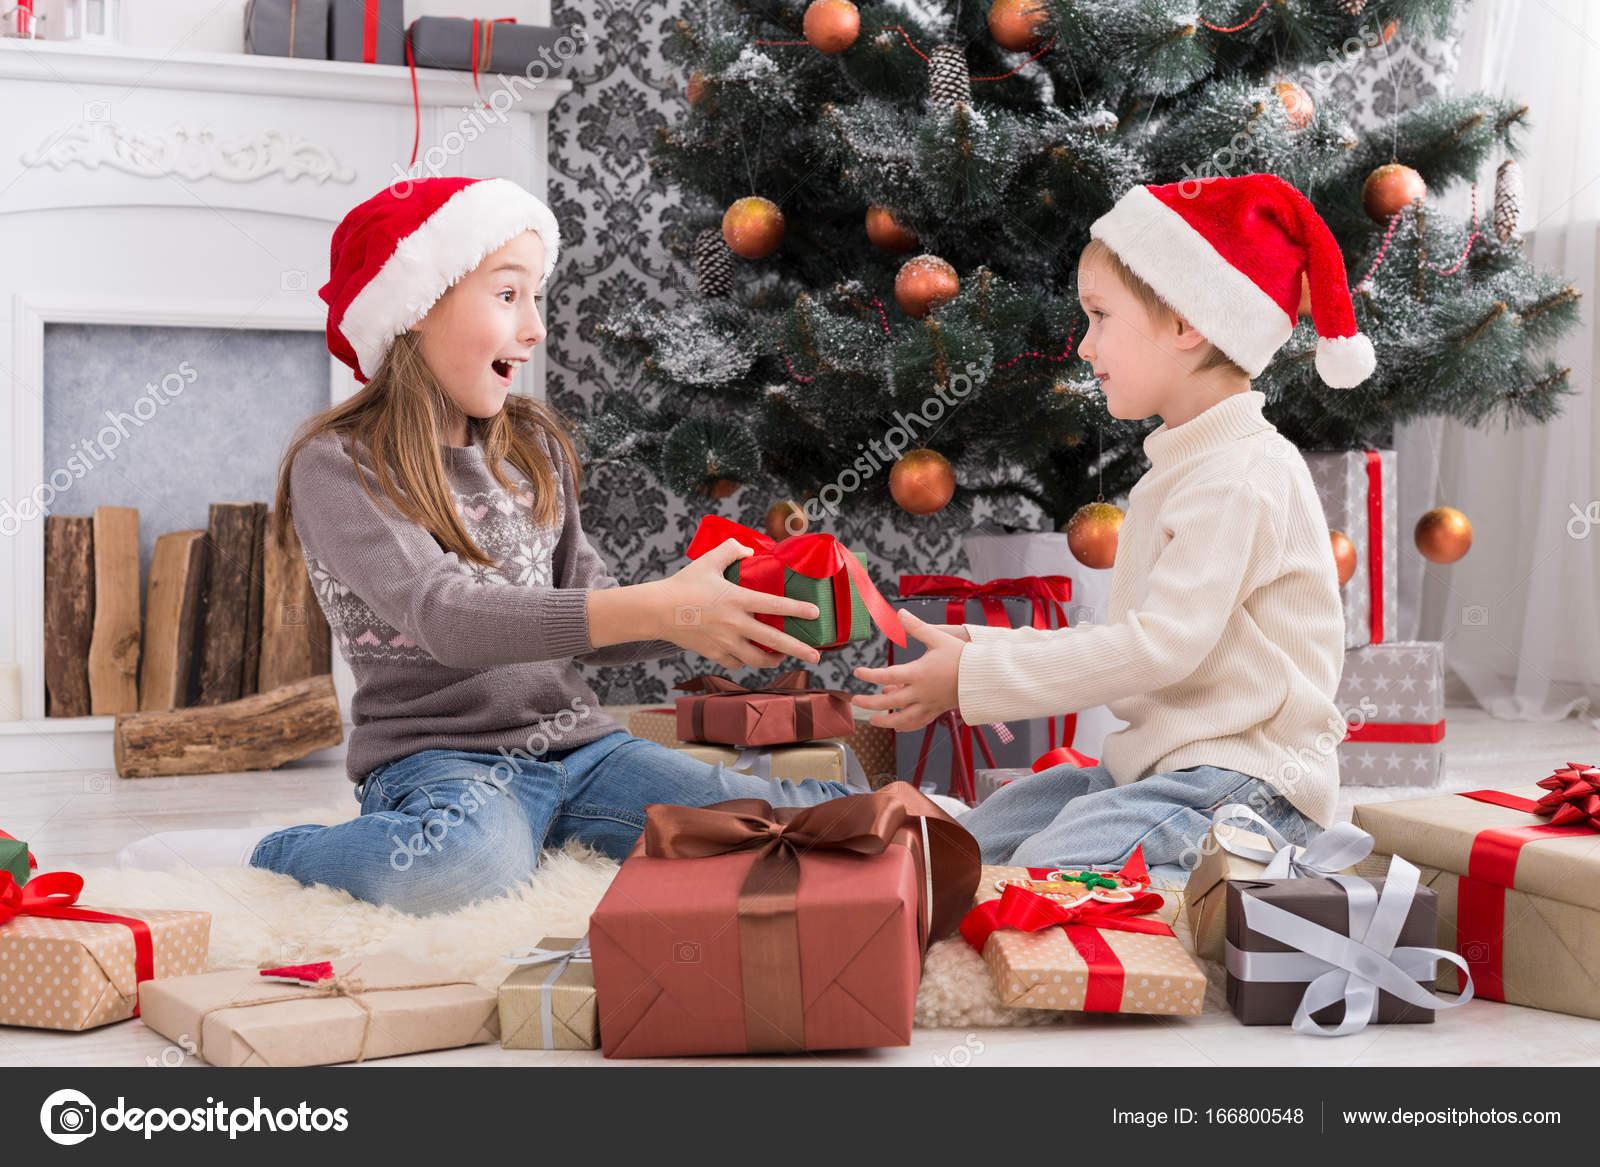 Regali Di Natale Fratello.Regali Di Natale Unwrapping Di Bambini Felici In Cappelli Della